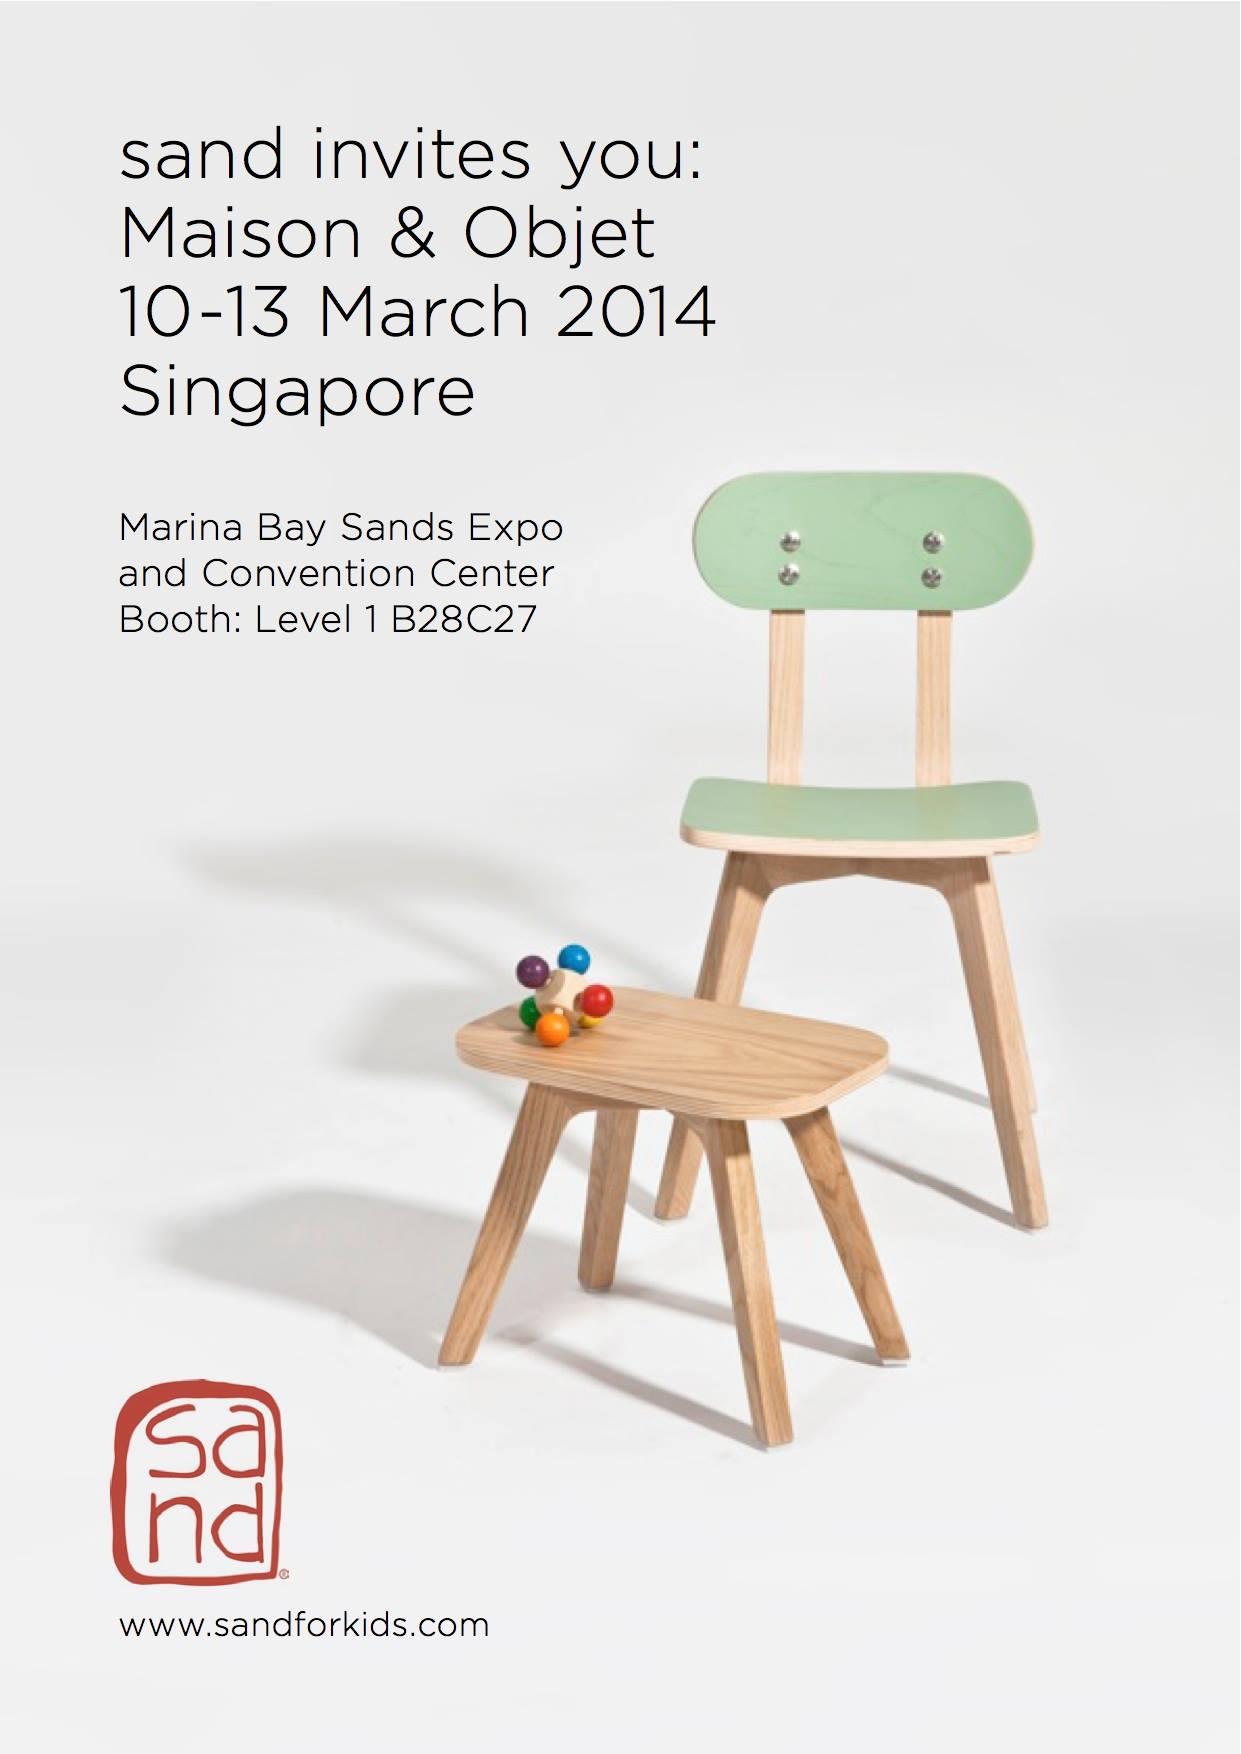 Invitation to maison objet singapore 10 13 mar 2014 sand - Salon objet et maison ...